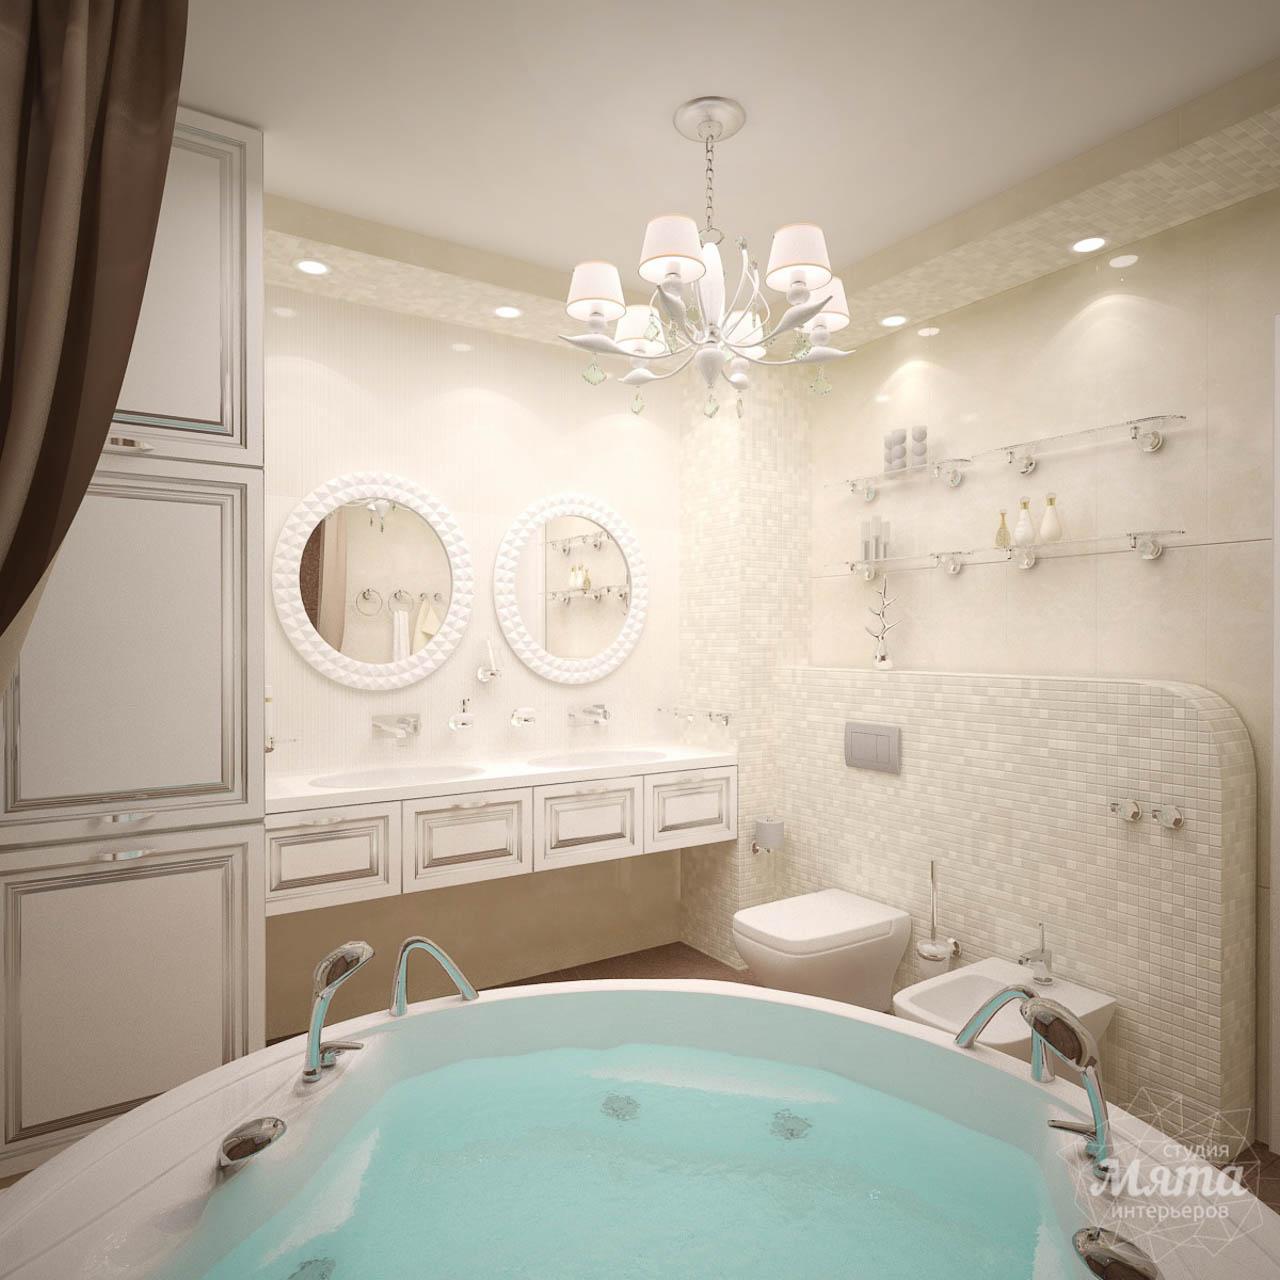 Дизайн интерьера четырехкомнатной квартиры по ул. Шевченко 18 img1938424302